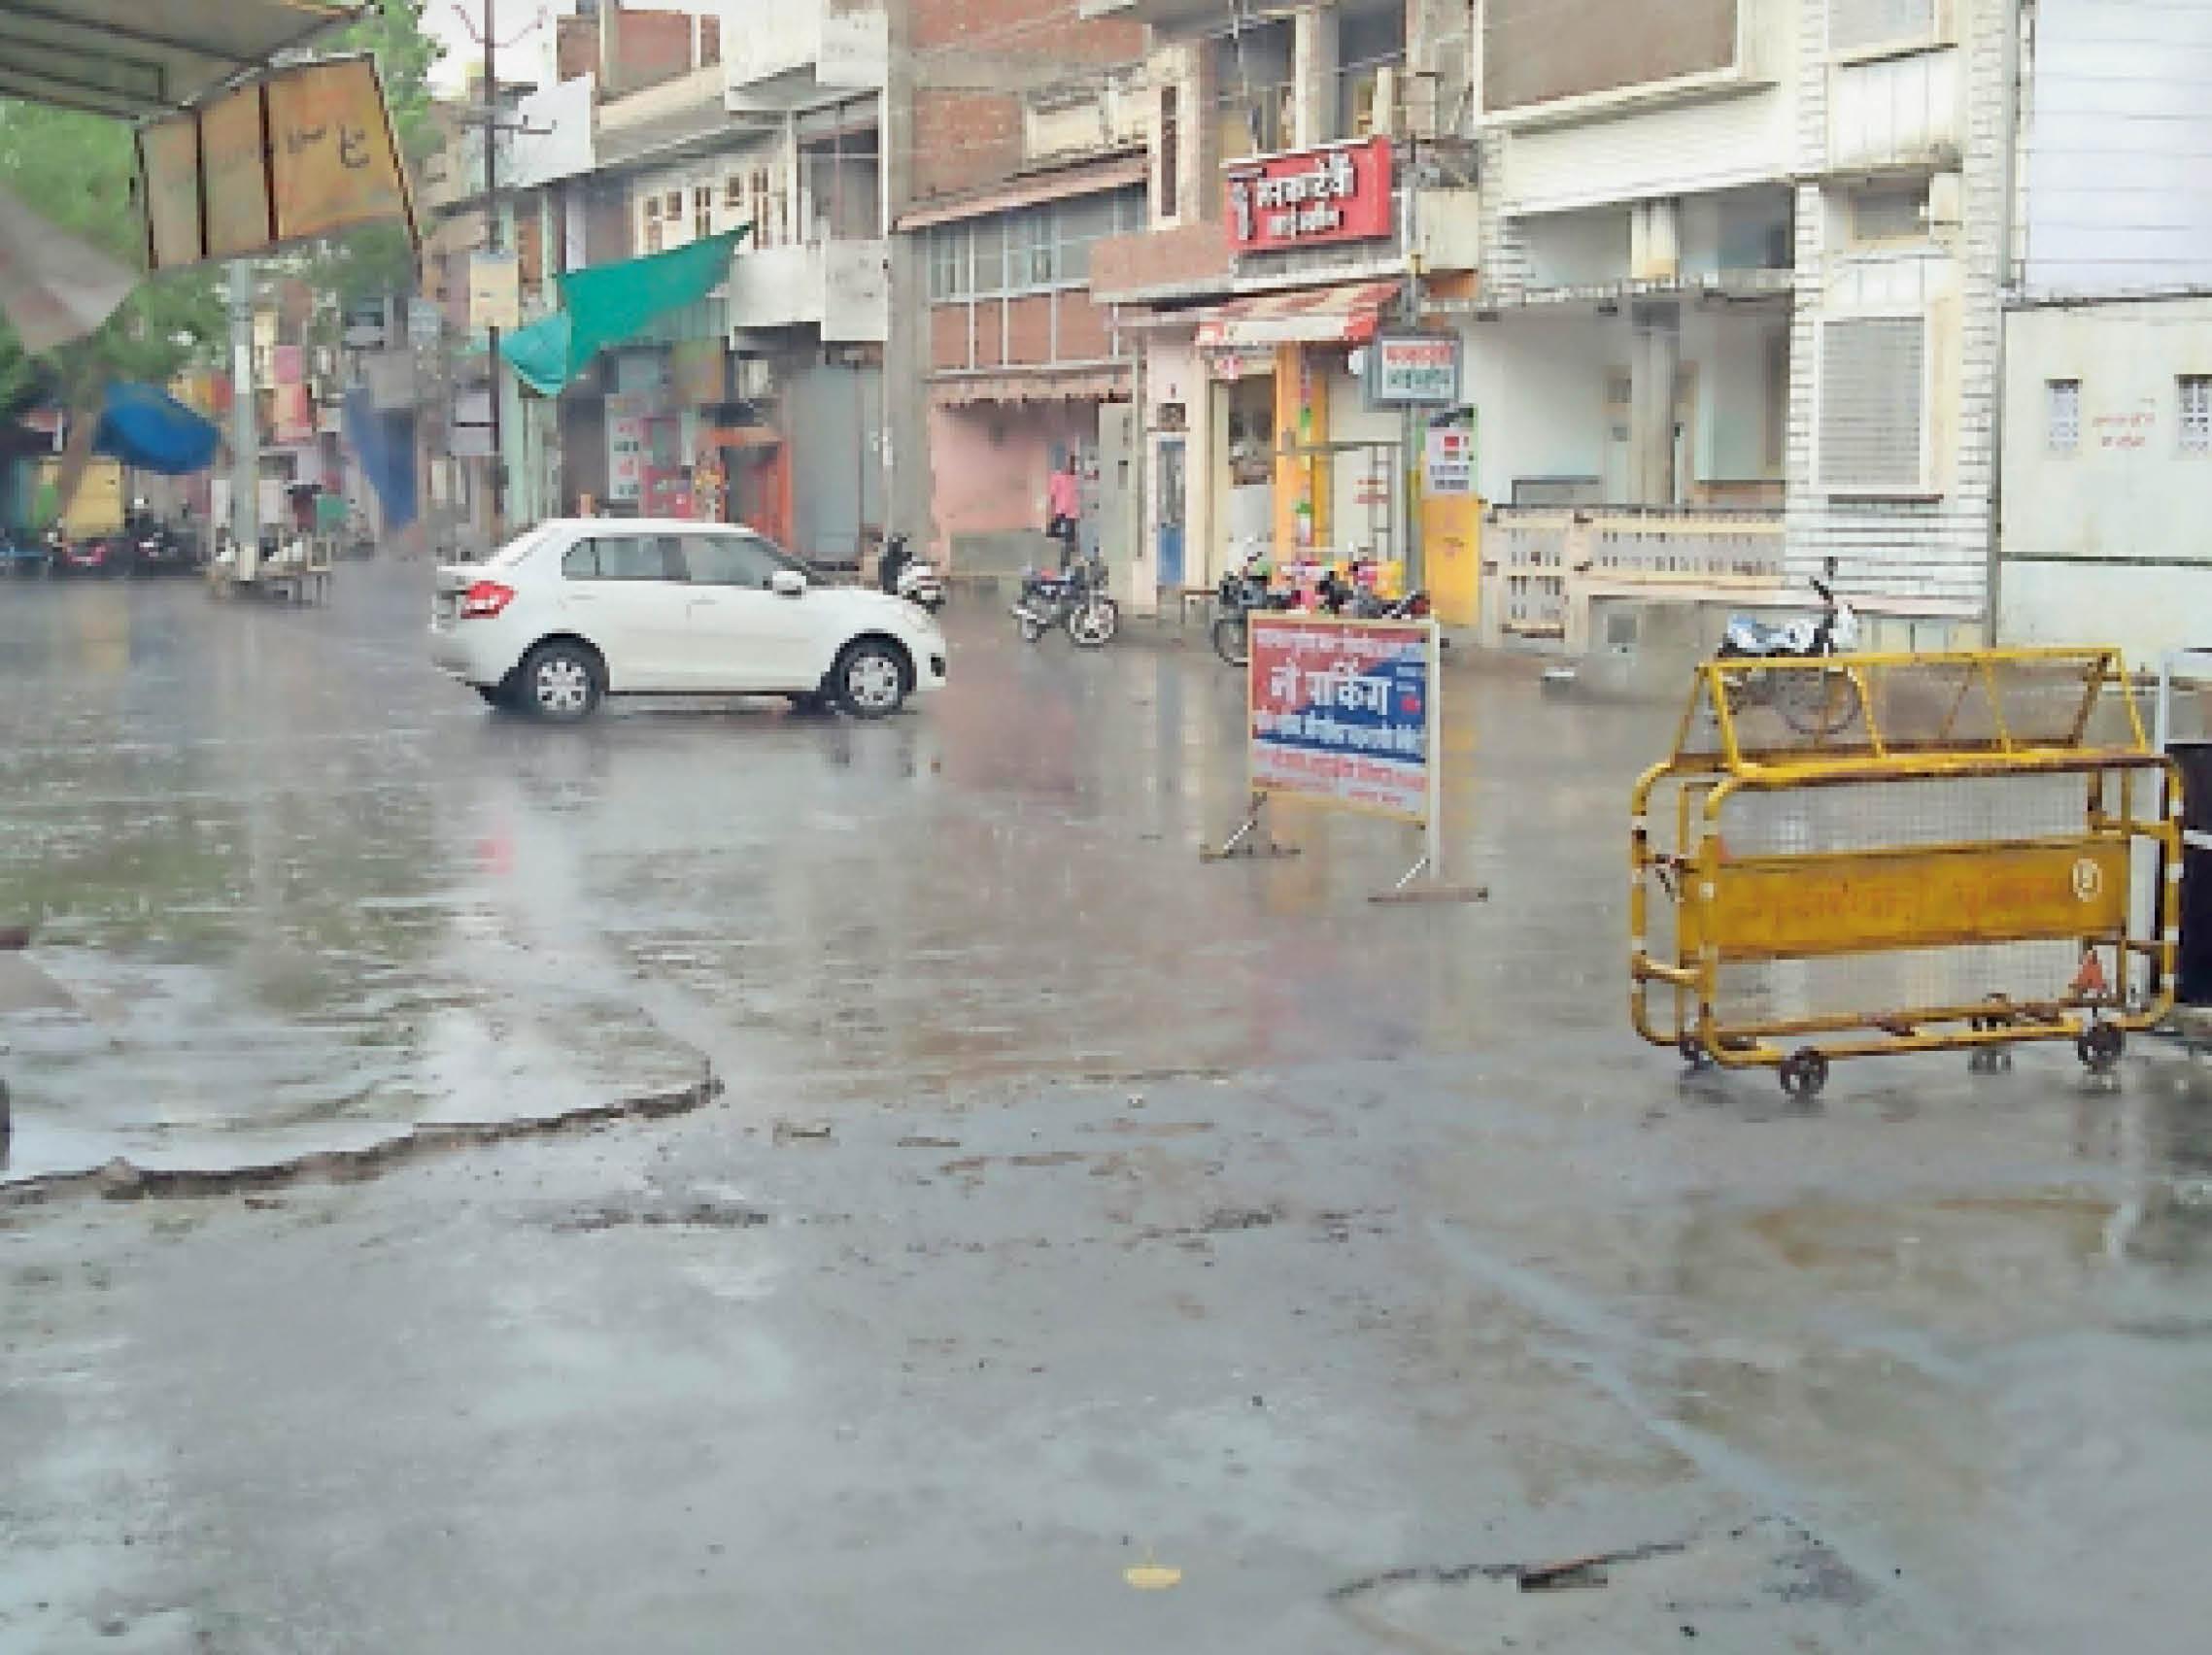 शिवगंज. शहर में शाम को आई हल्की बारिश के दौरान सड़कें भीग गईं। - Dainik Bhaskar